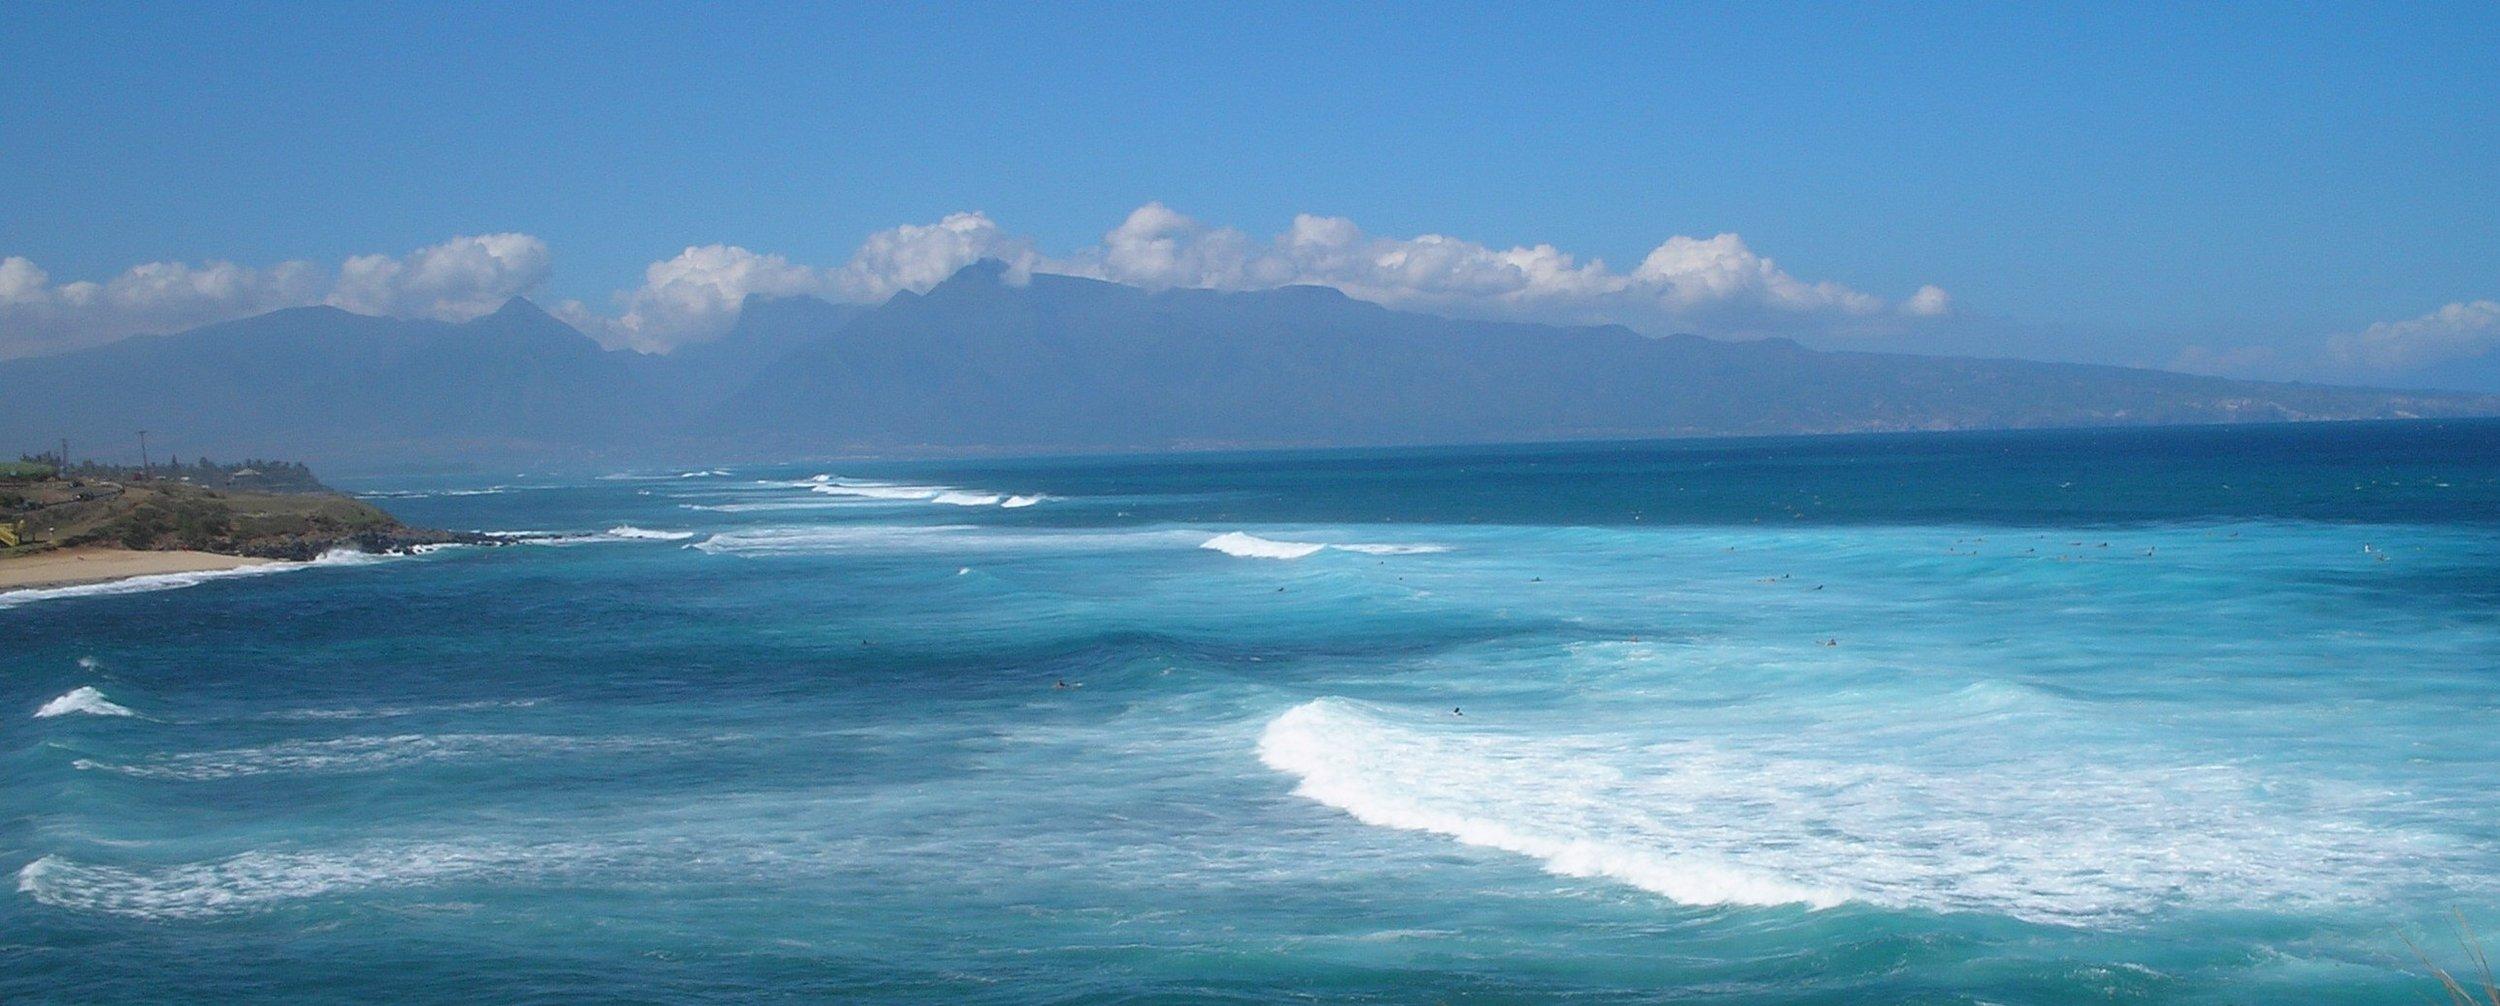 hookipa and west maui mountains.jpg